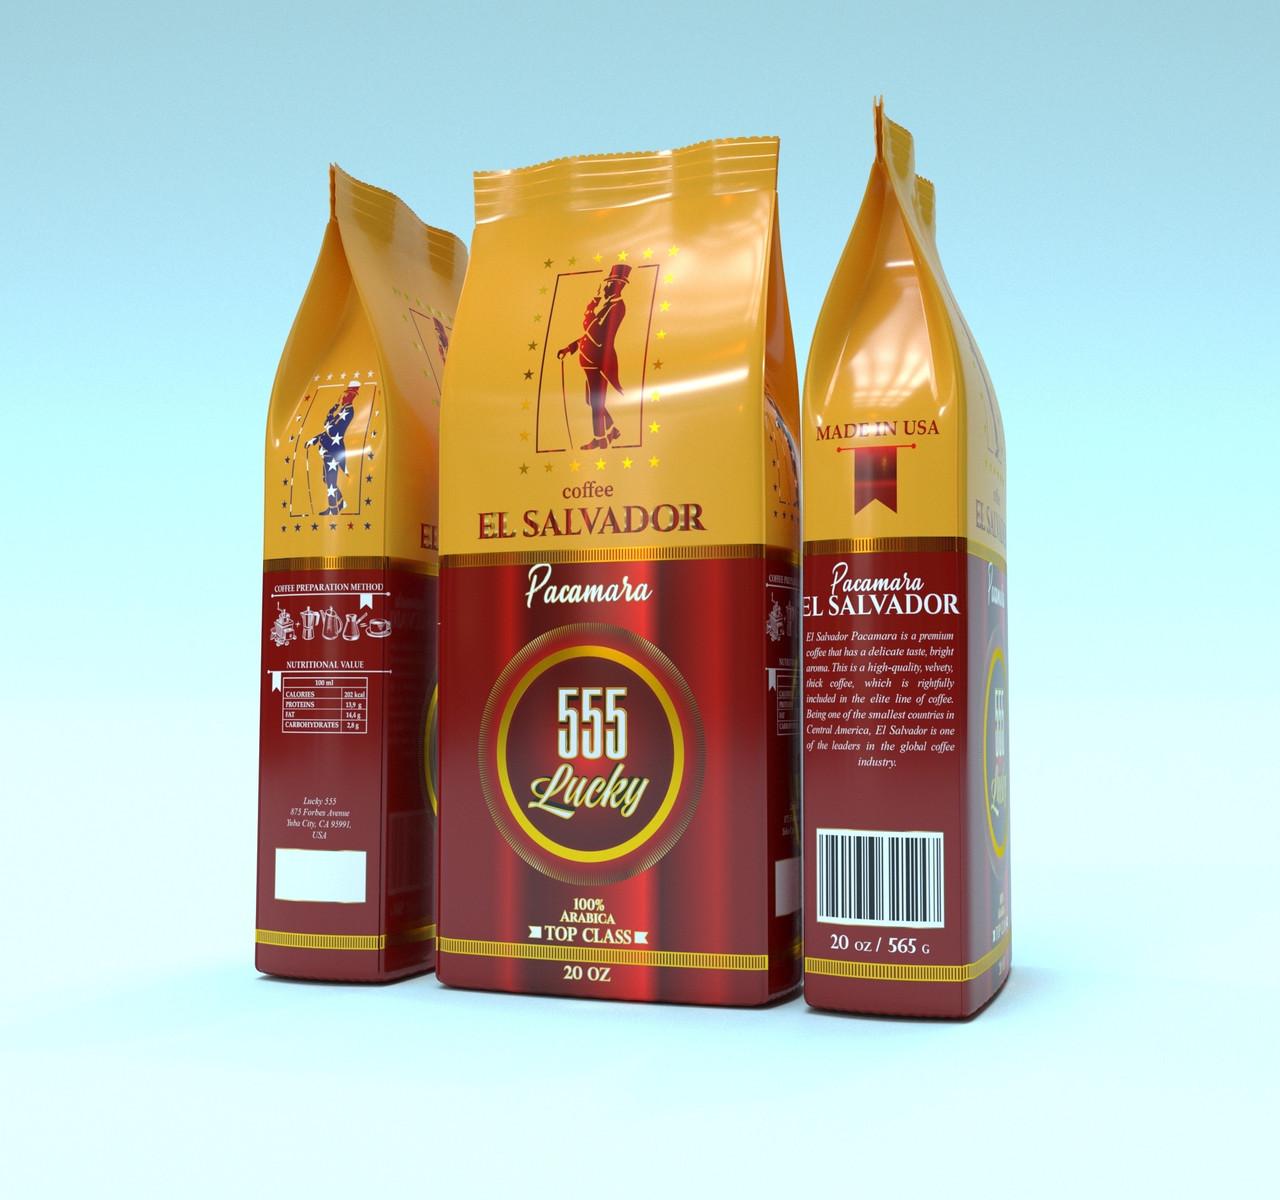 Lucky El Salvador Pacamara 565 р. зерно